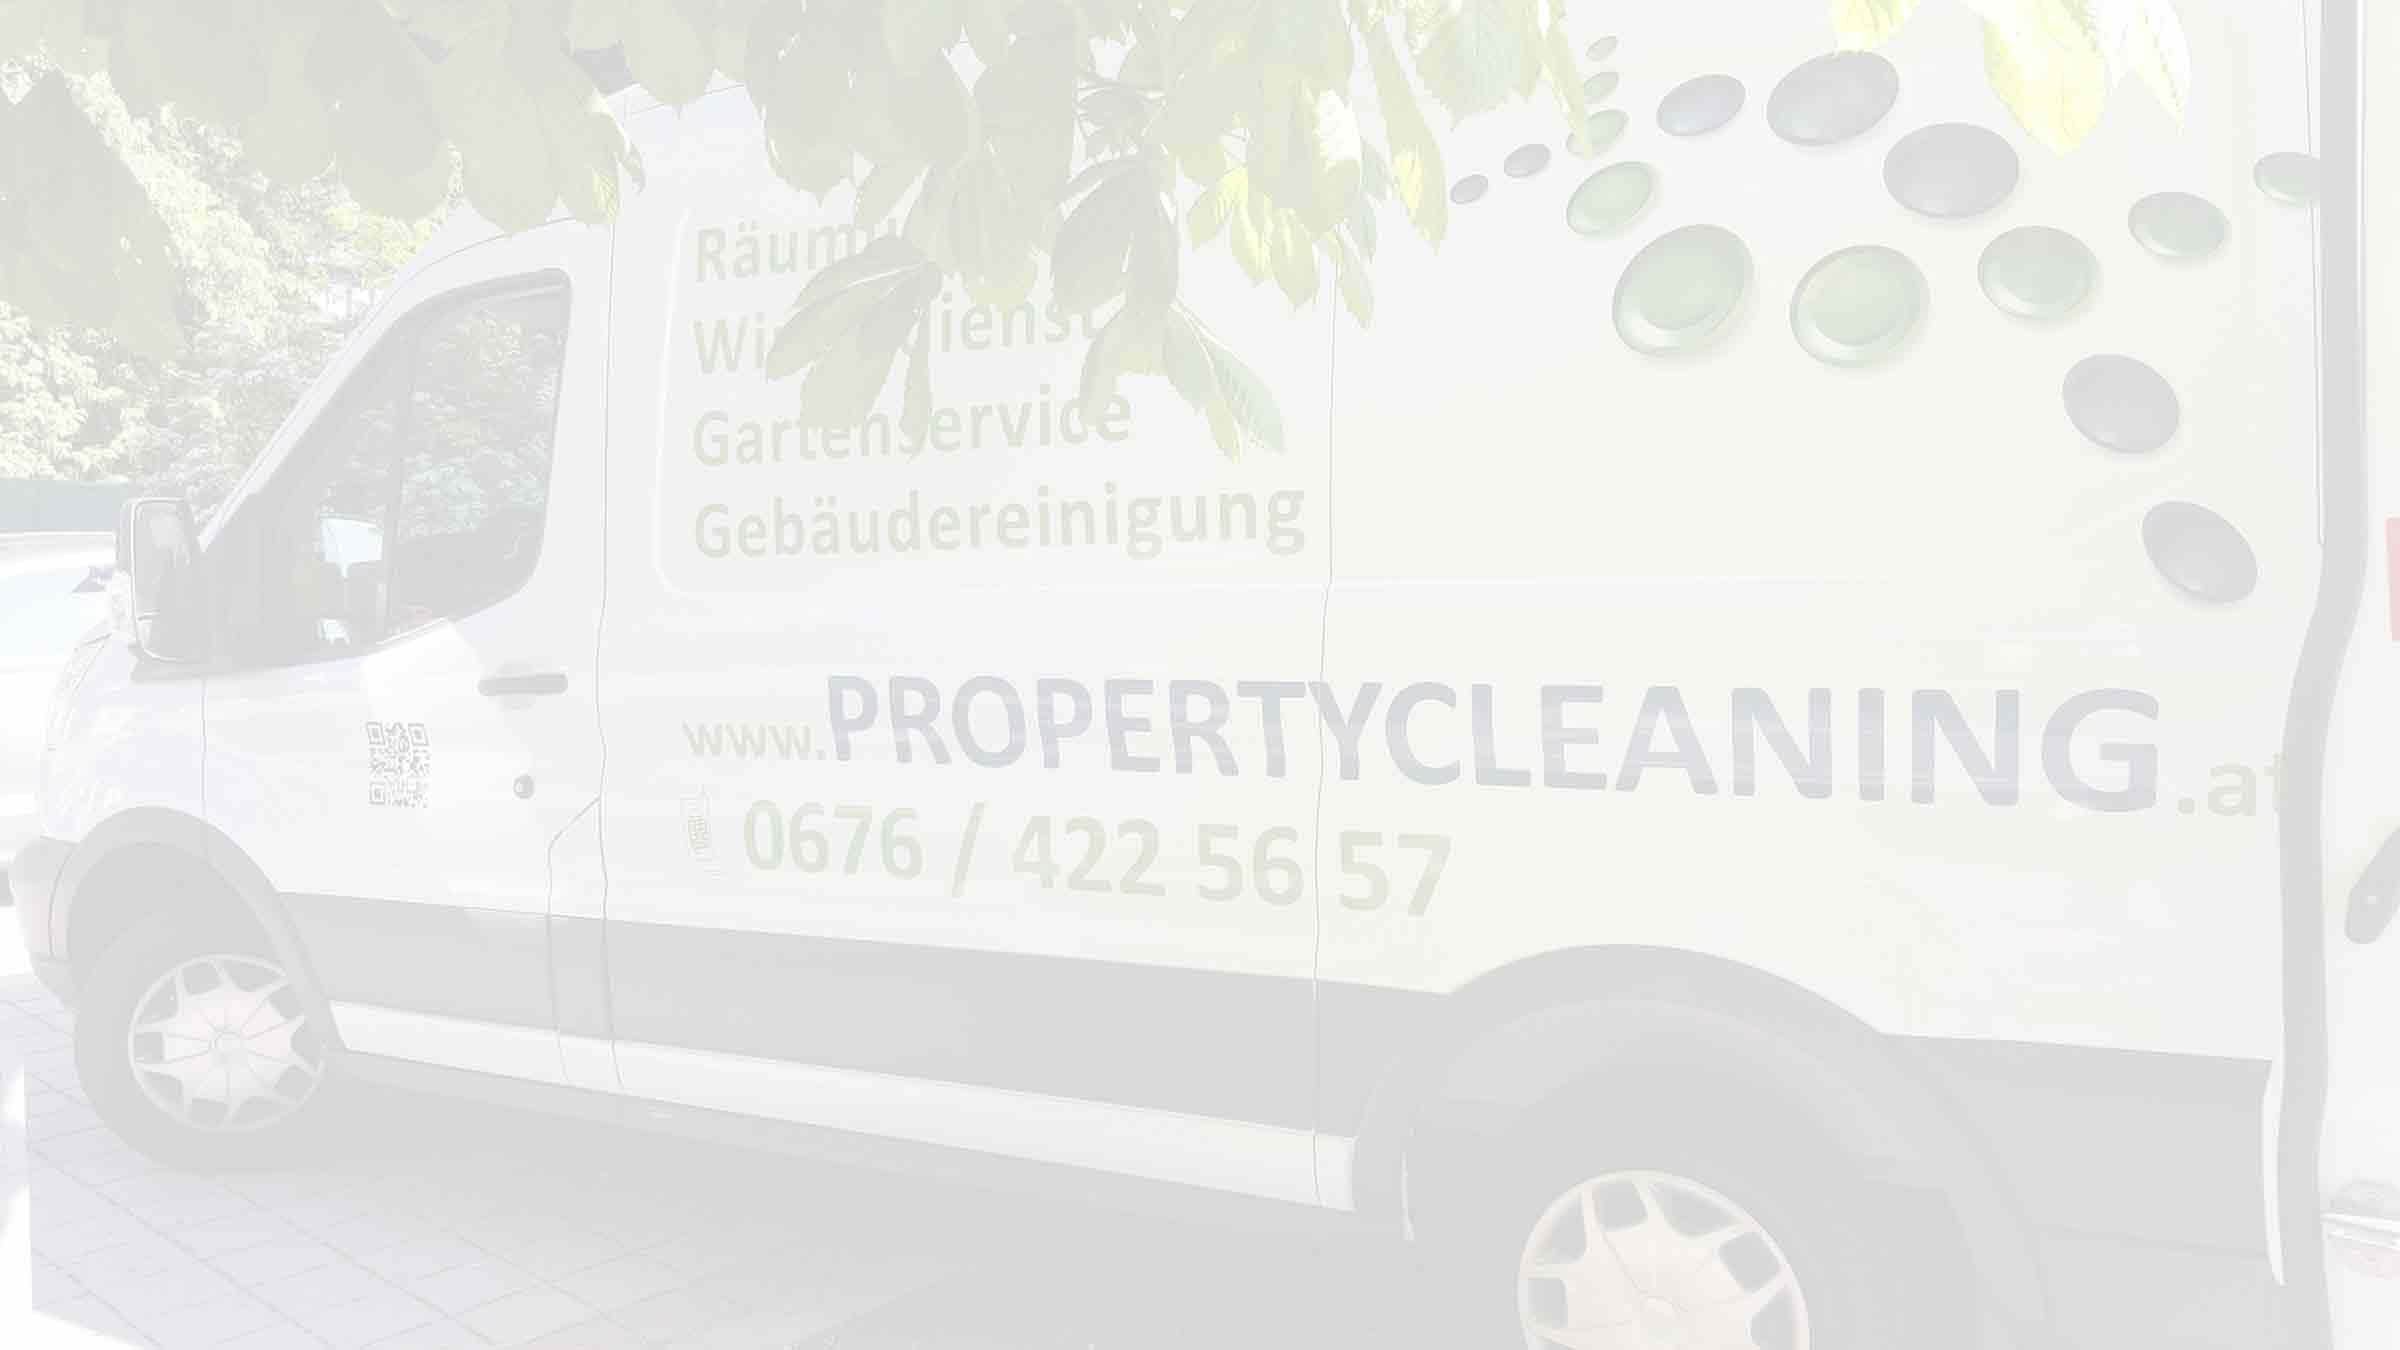 PropertyCleaning Reinigung aus Baden